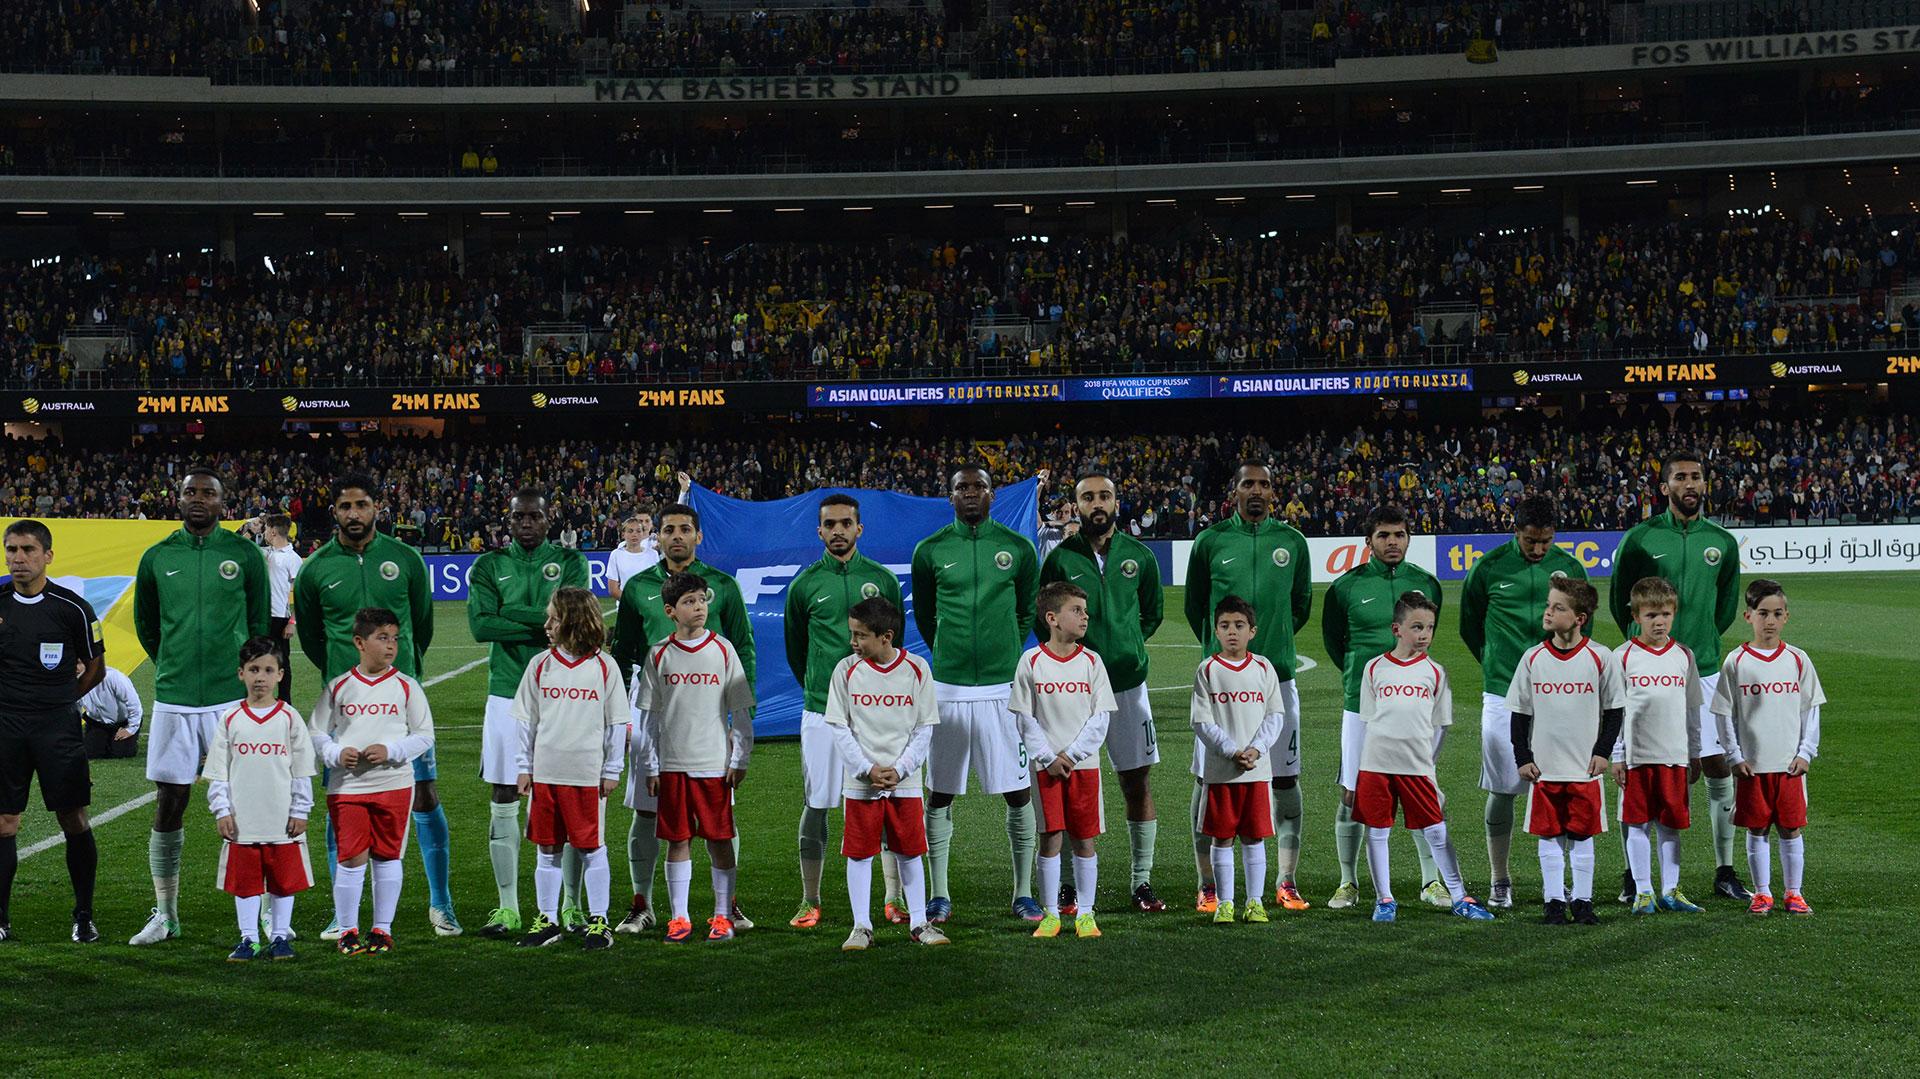 Selección deArabia Saudita